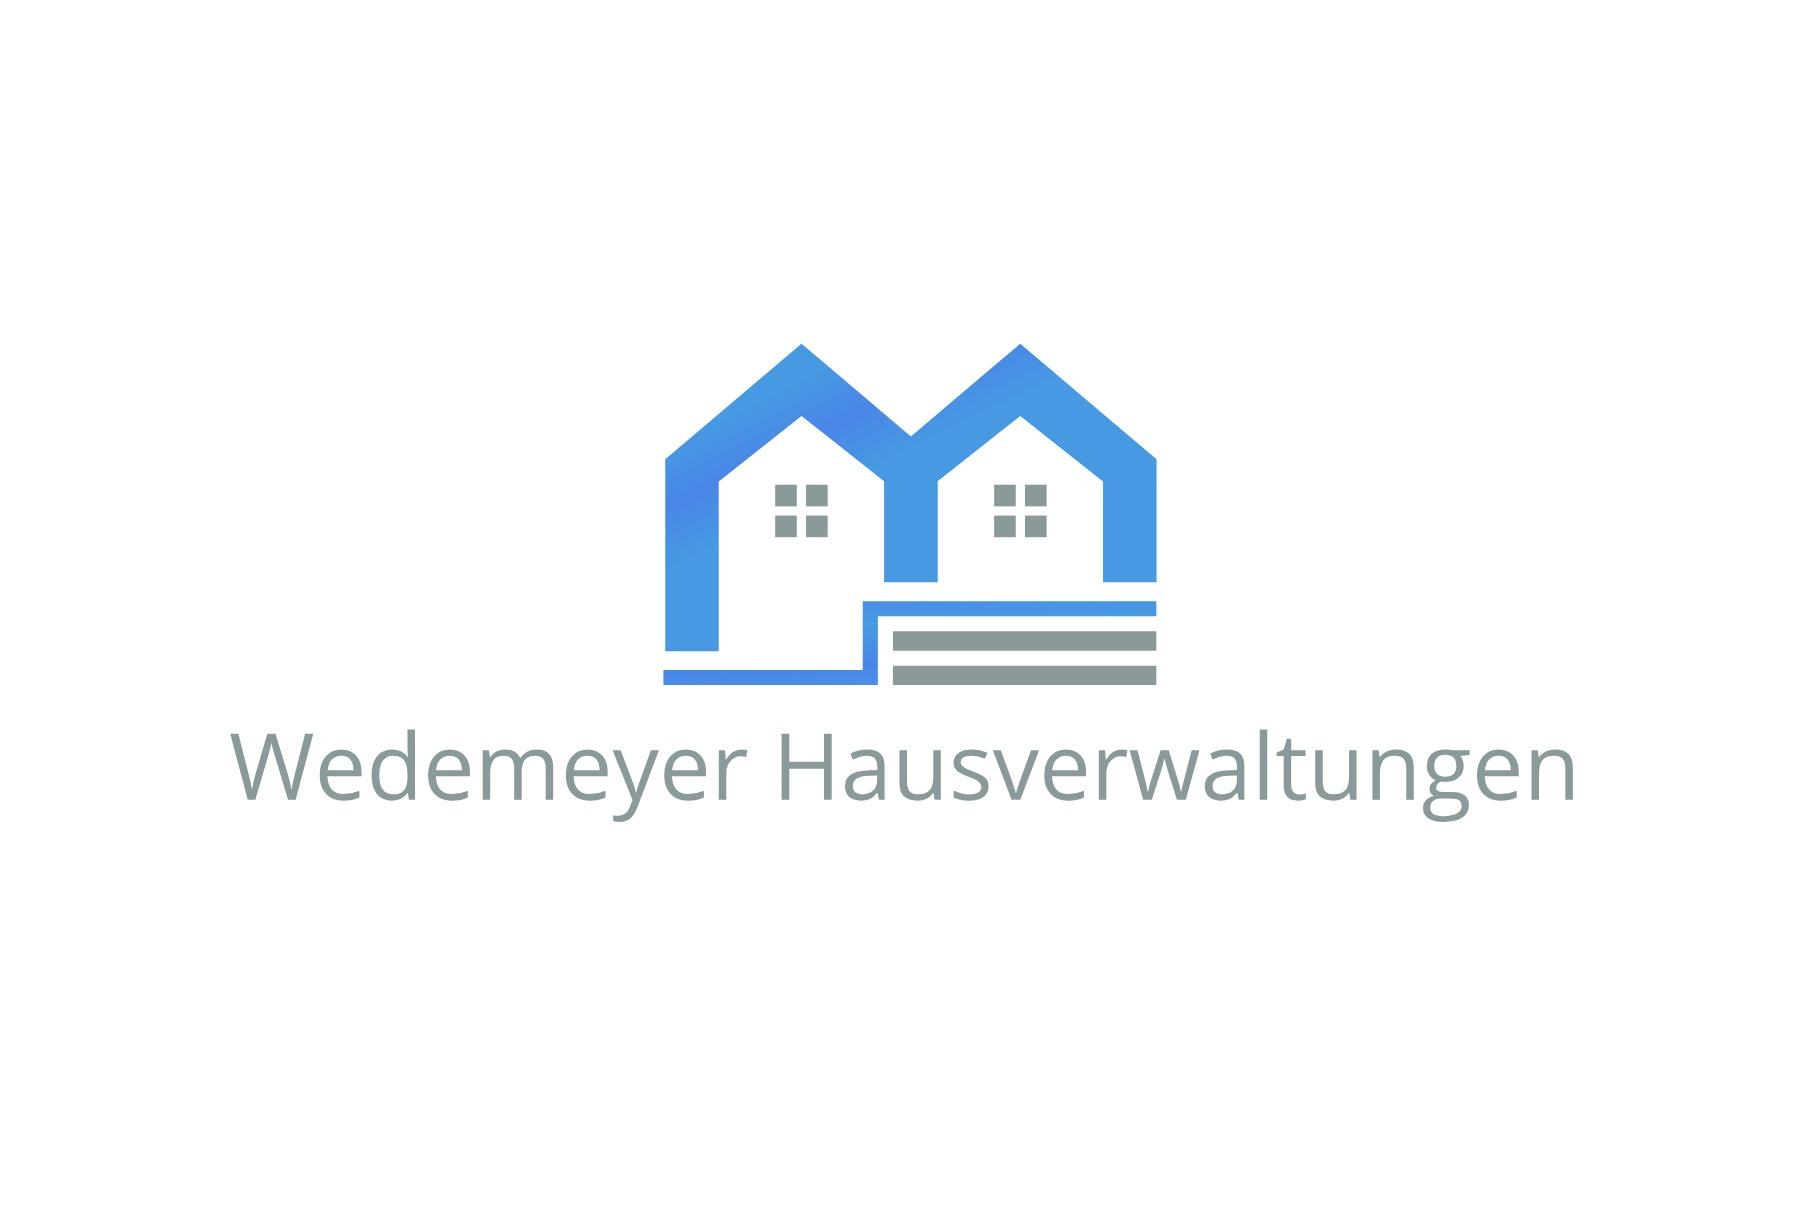 Wedemeyer Hausverwaltung in Göttingen